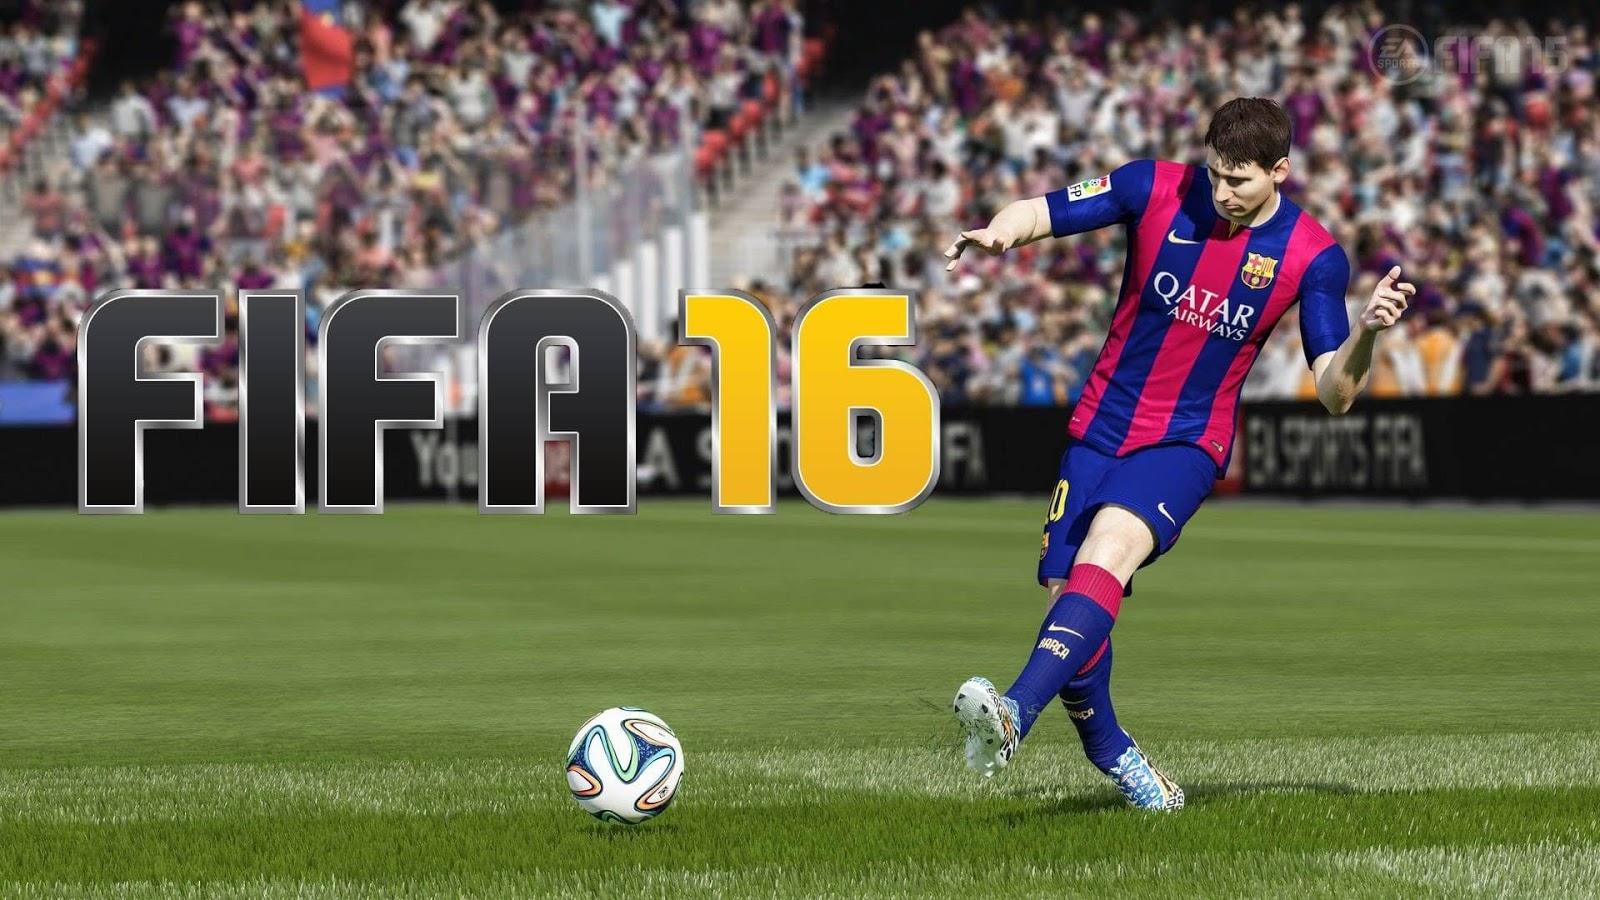 f1 - FIFA 2016 xbox 360